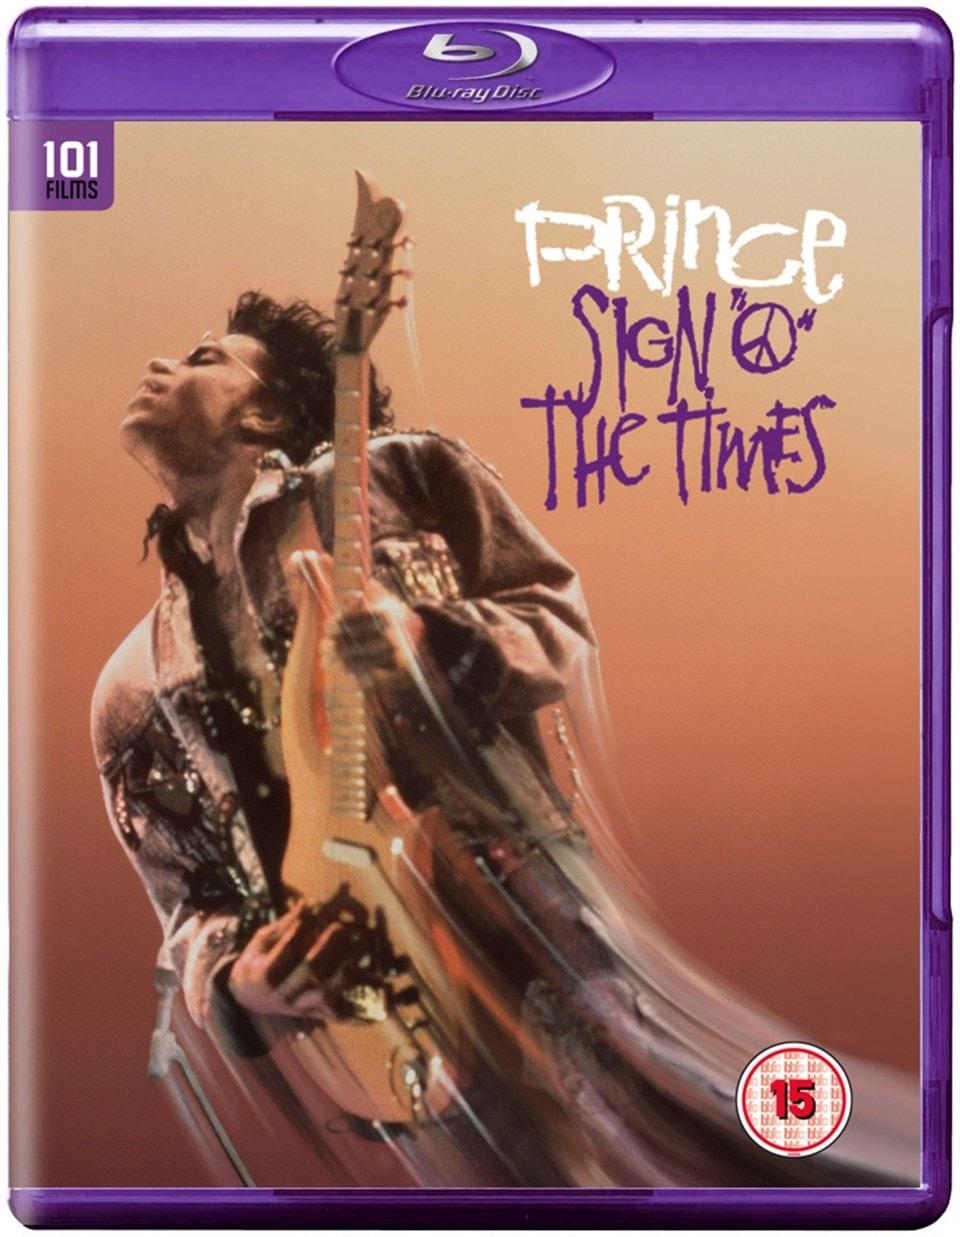 Prince: Sign 'O' the Times - 1